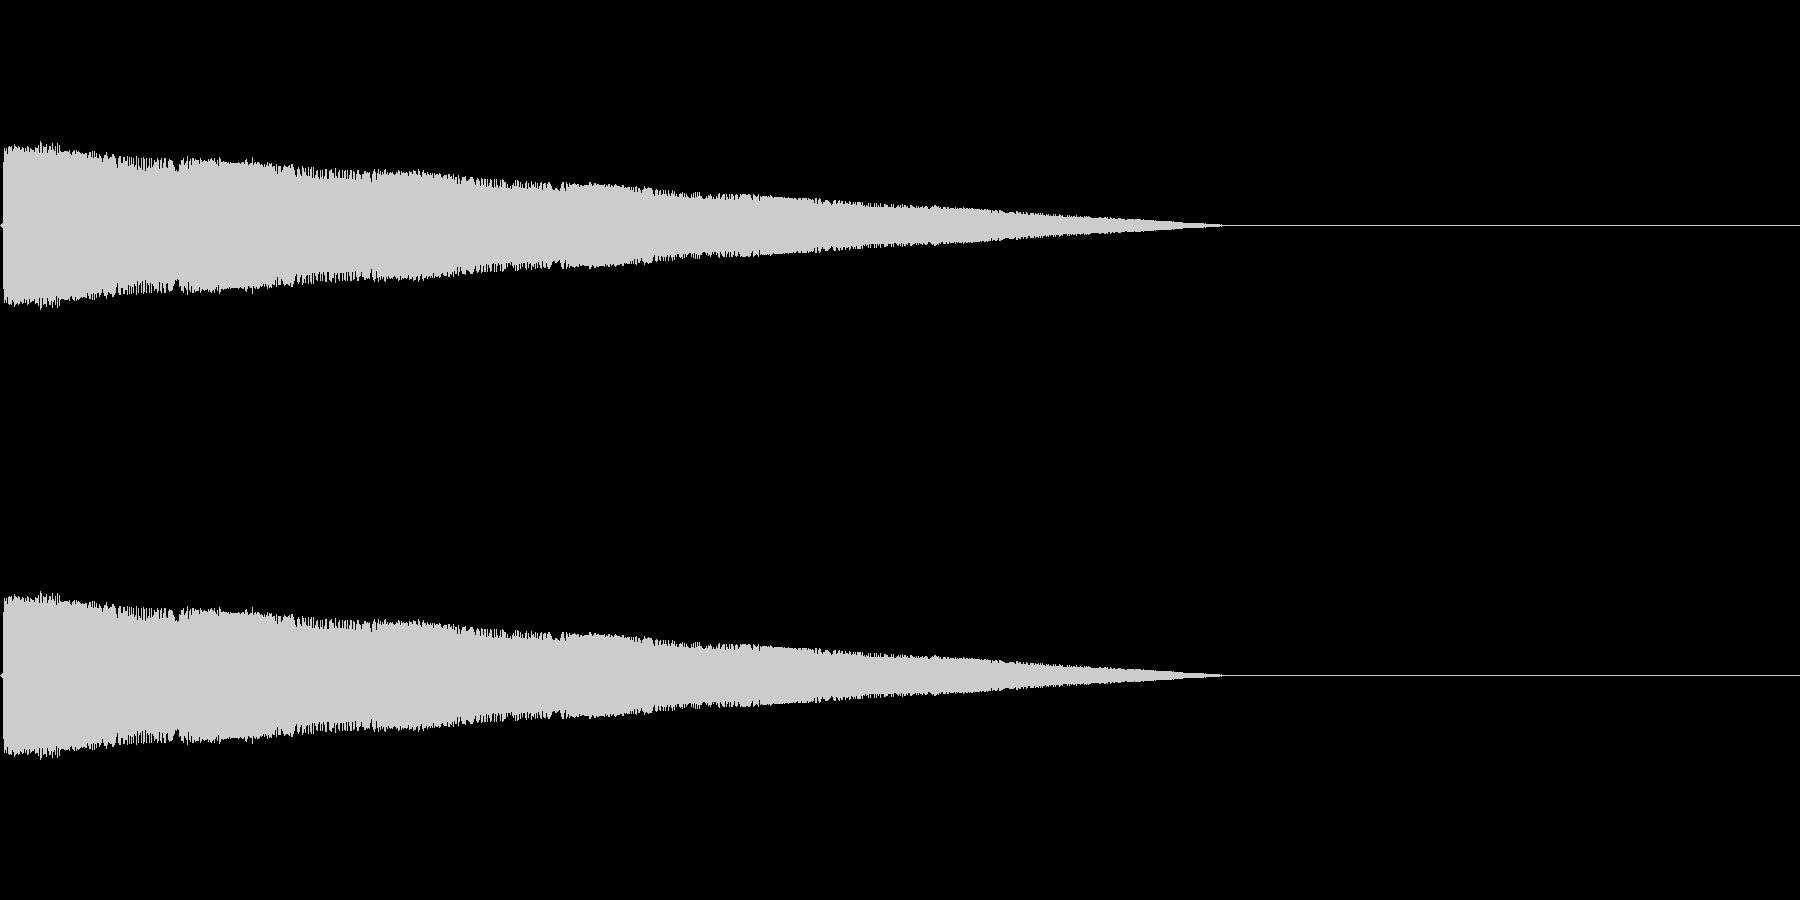 レトロゲーム風レーザーショット1の未再生の波形